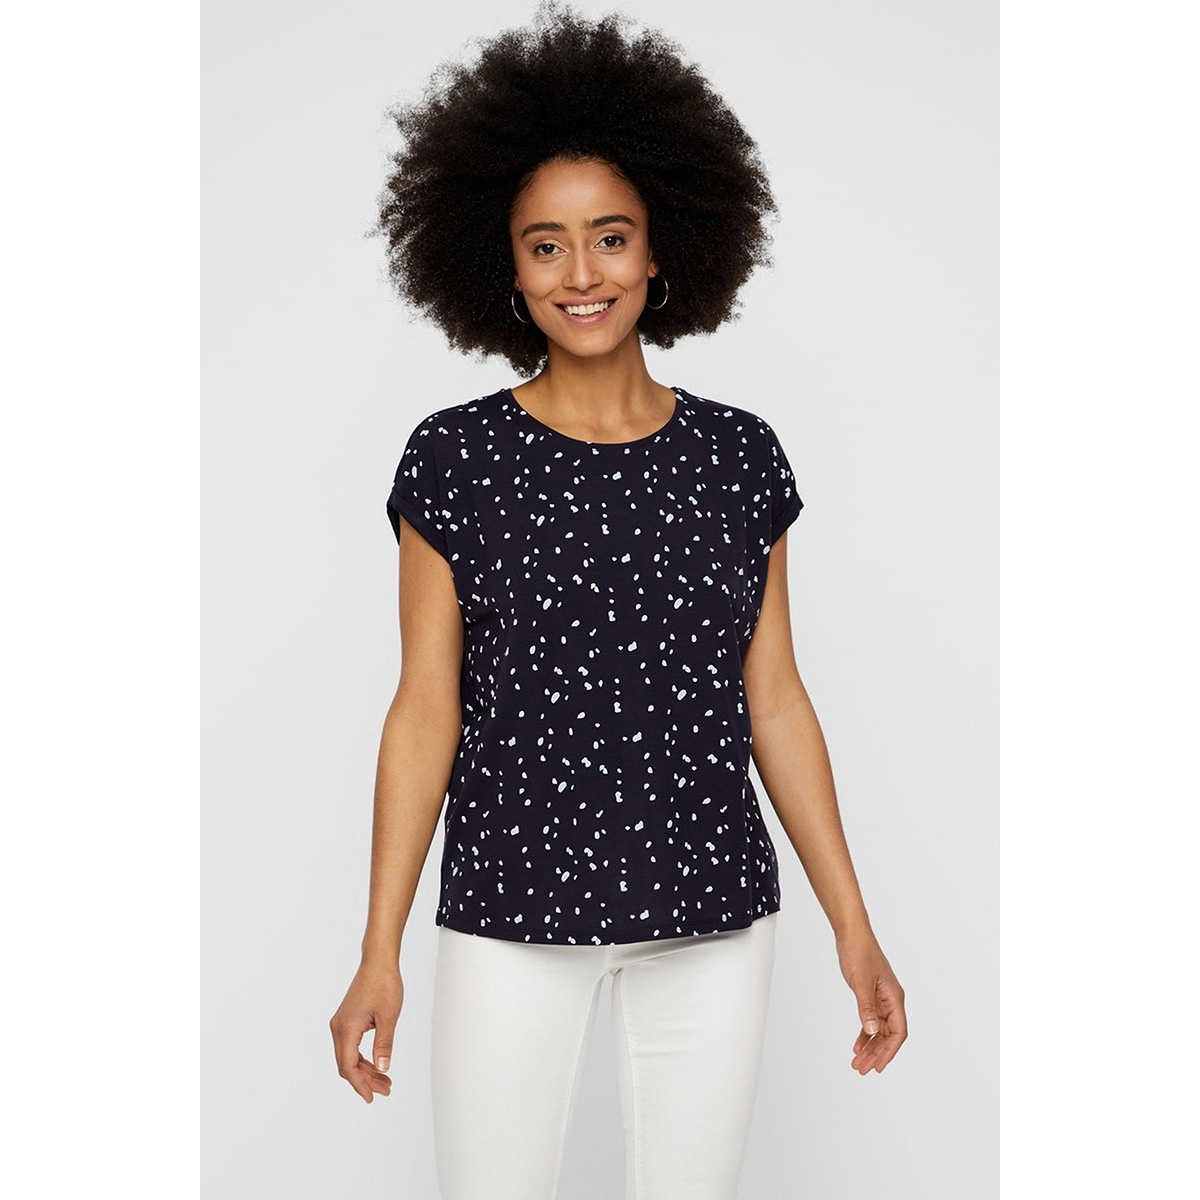 vmava plain ss top aop ga color 10211314 vero moda t-shirt night sky/coll 4 dot